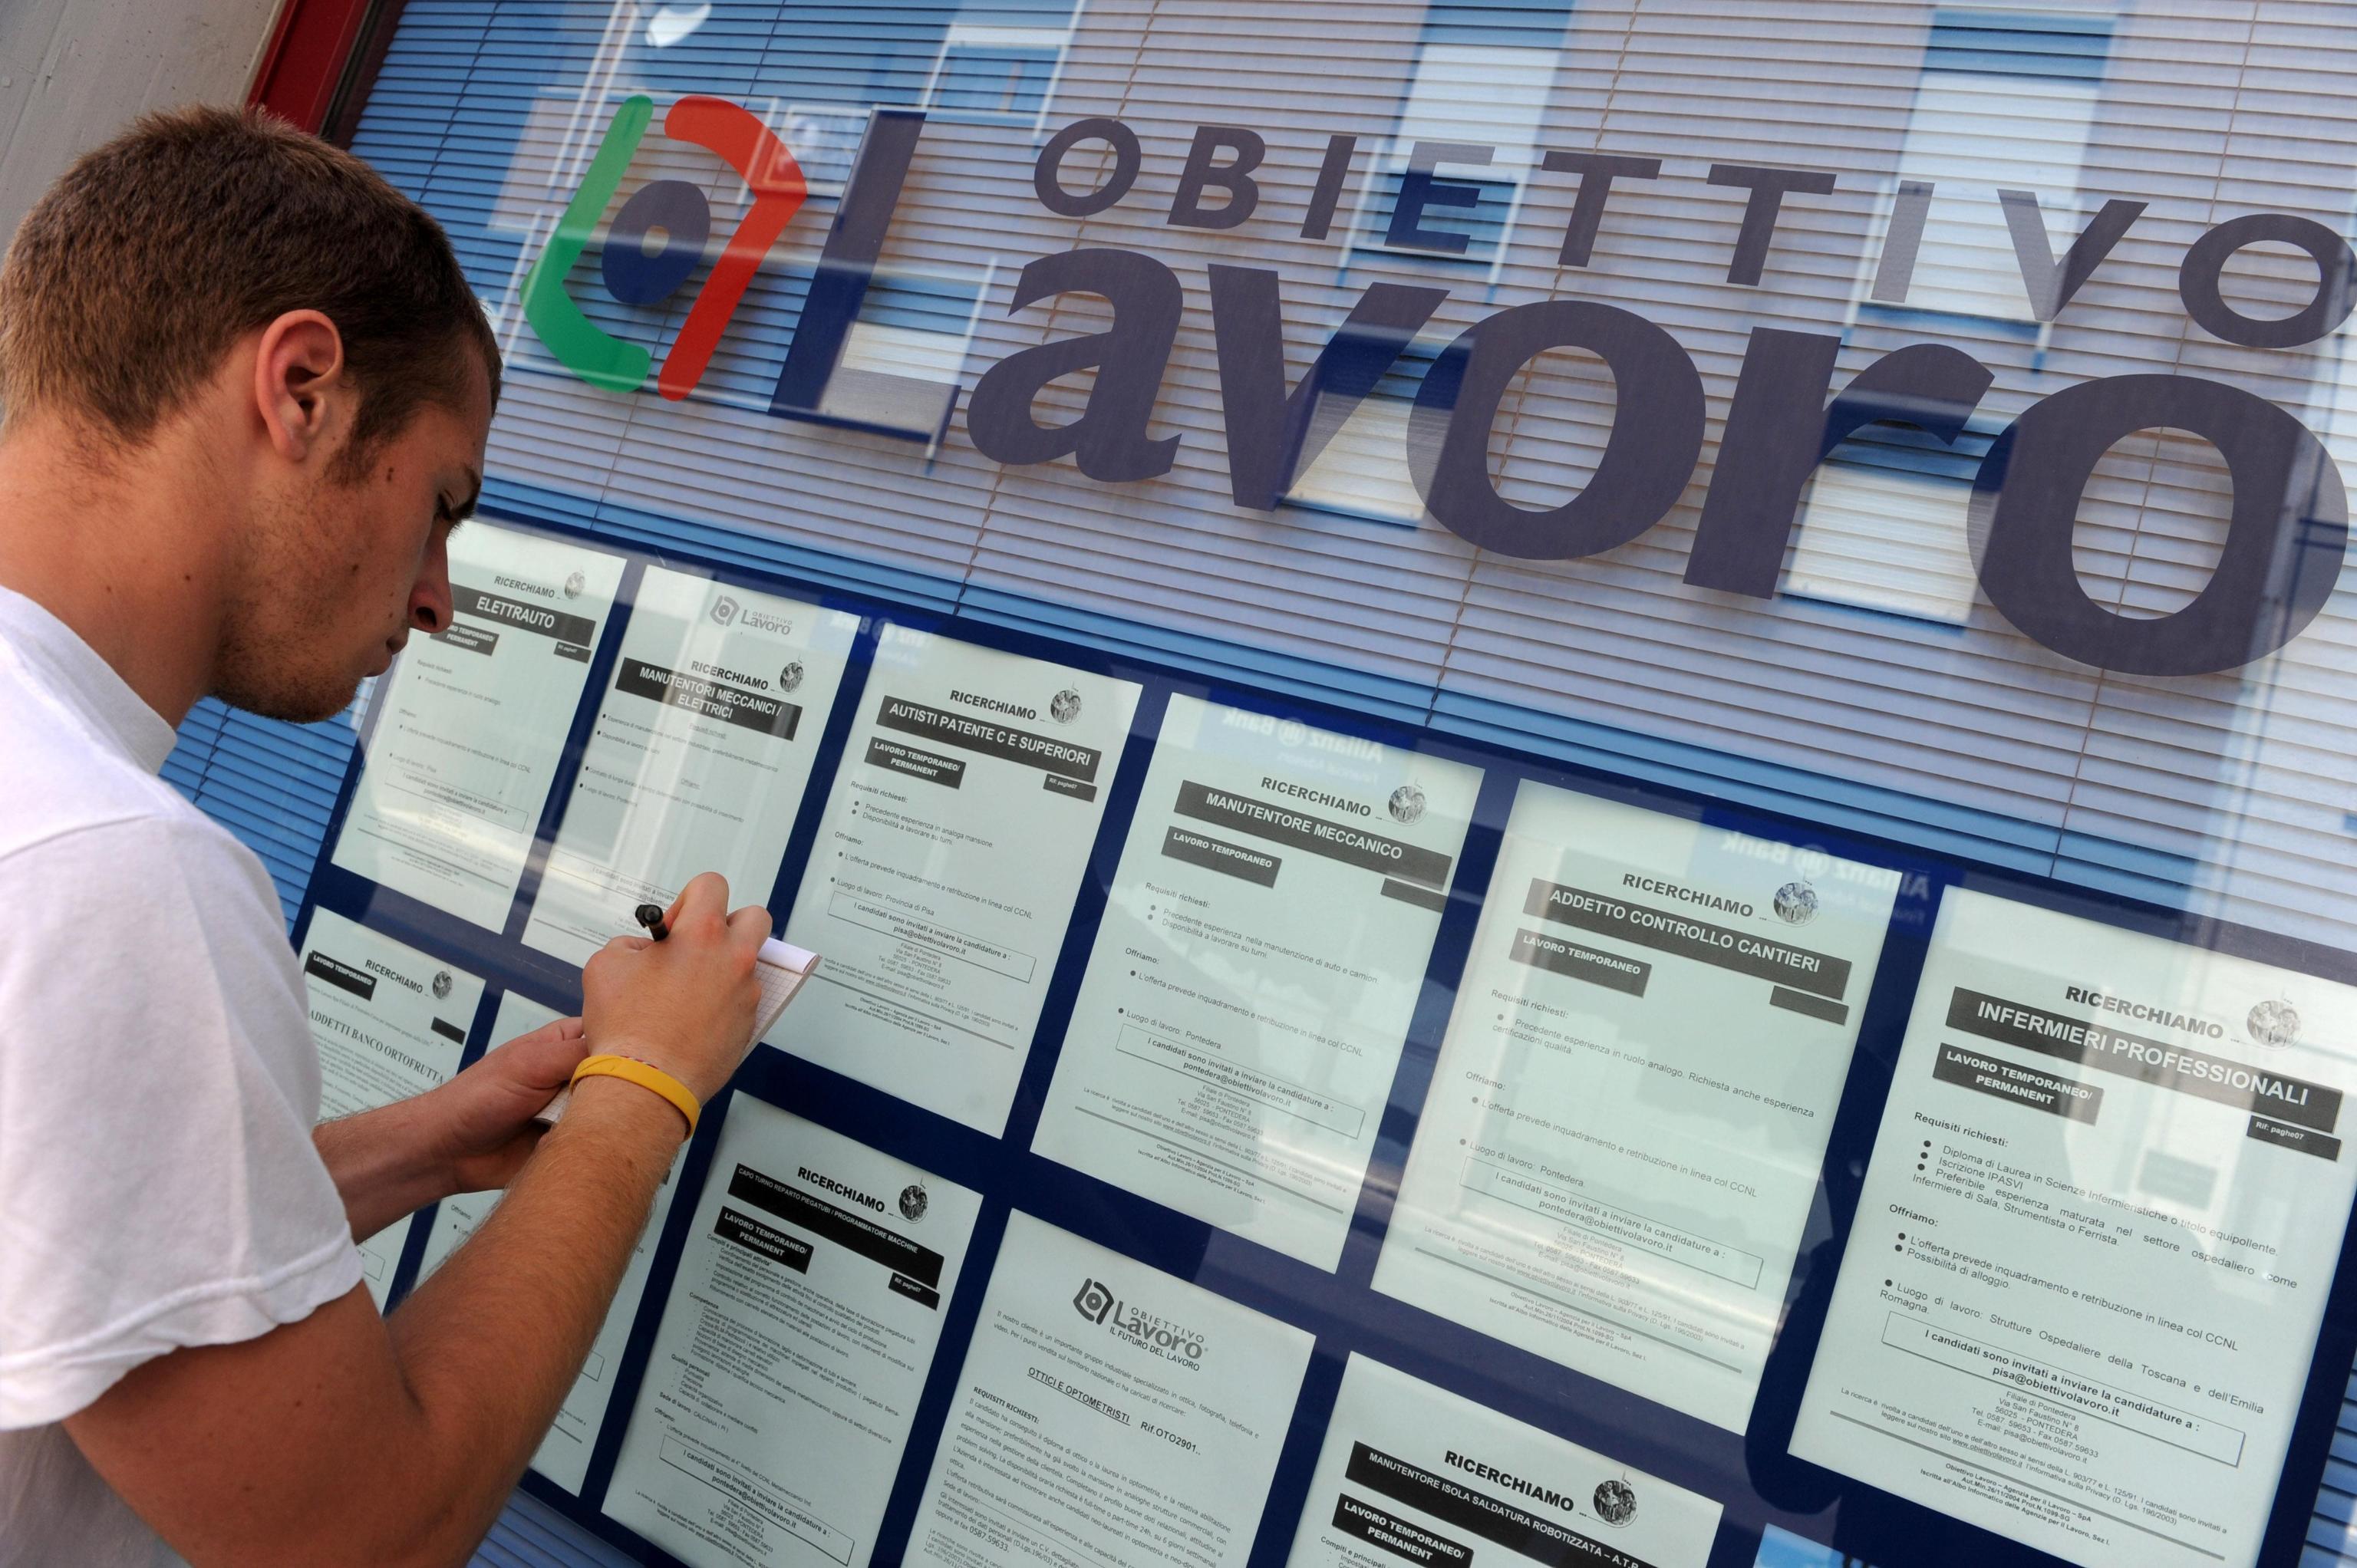 Offerte Lavoro Banco Di Napoli : Lavoro istat i trimestre 2018 situazione stazionaria. gazzetta